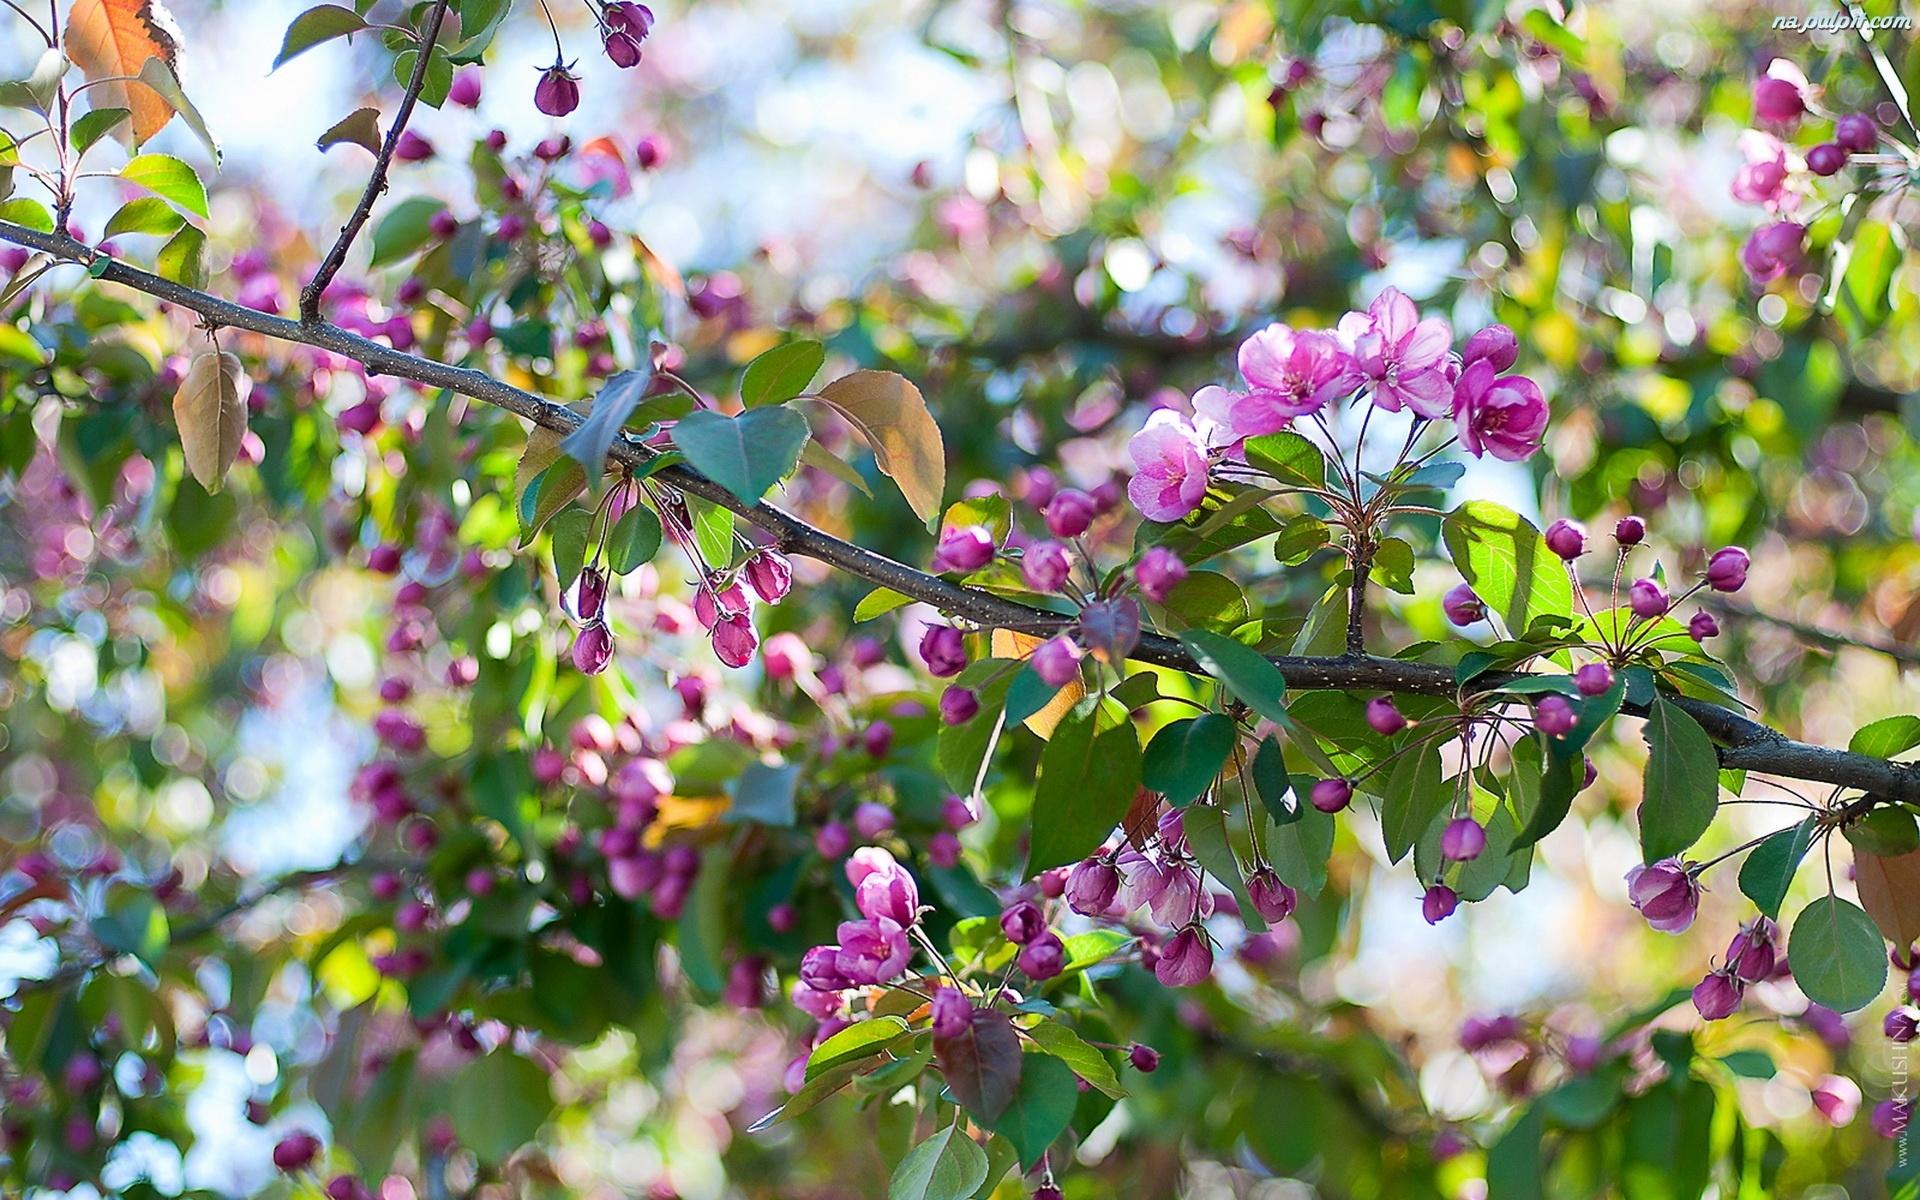 Drzewo, Kwitnące, Wiosna, Owocowe Na Pulpit